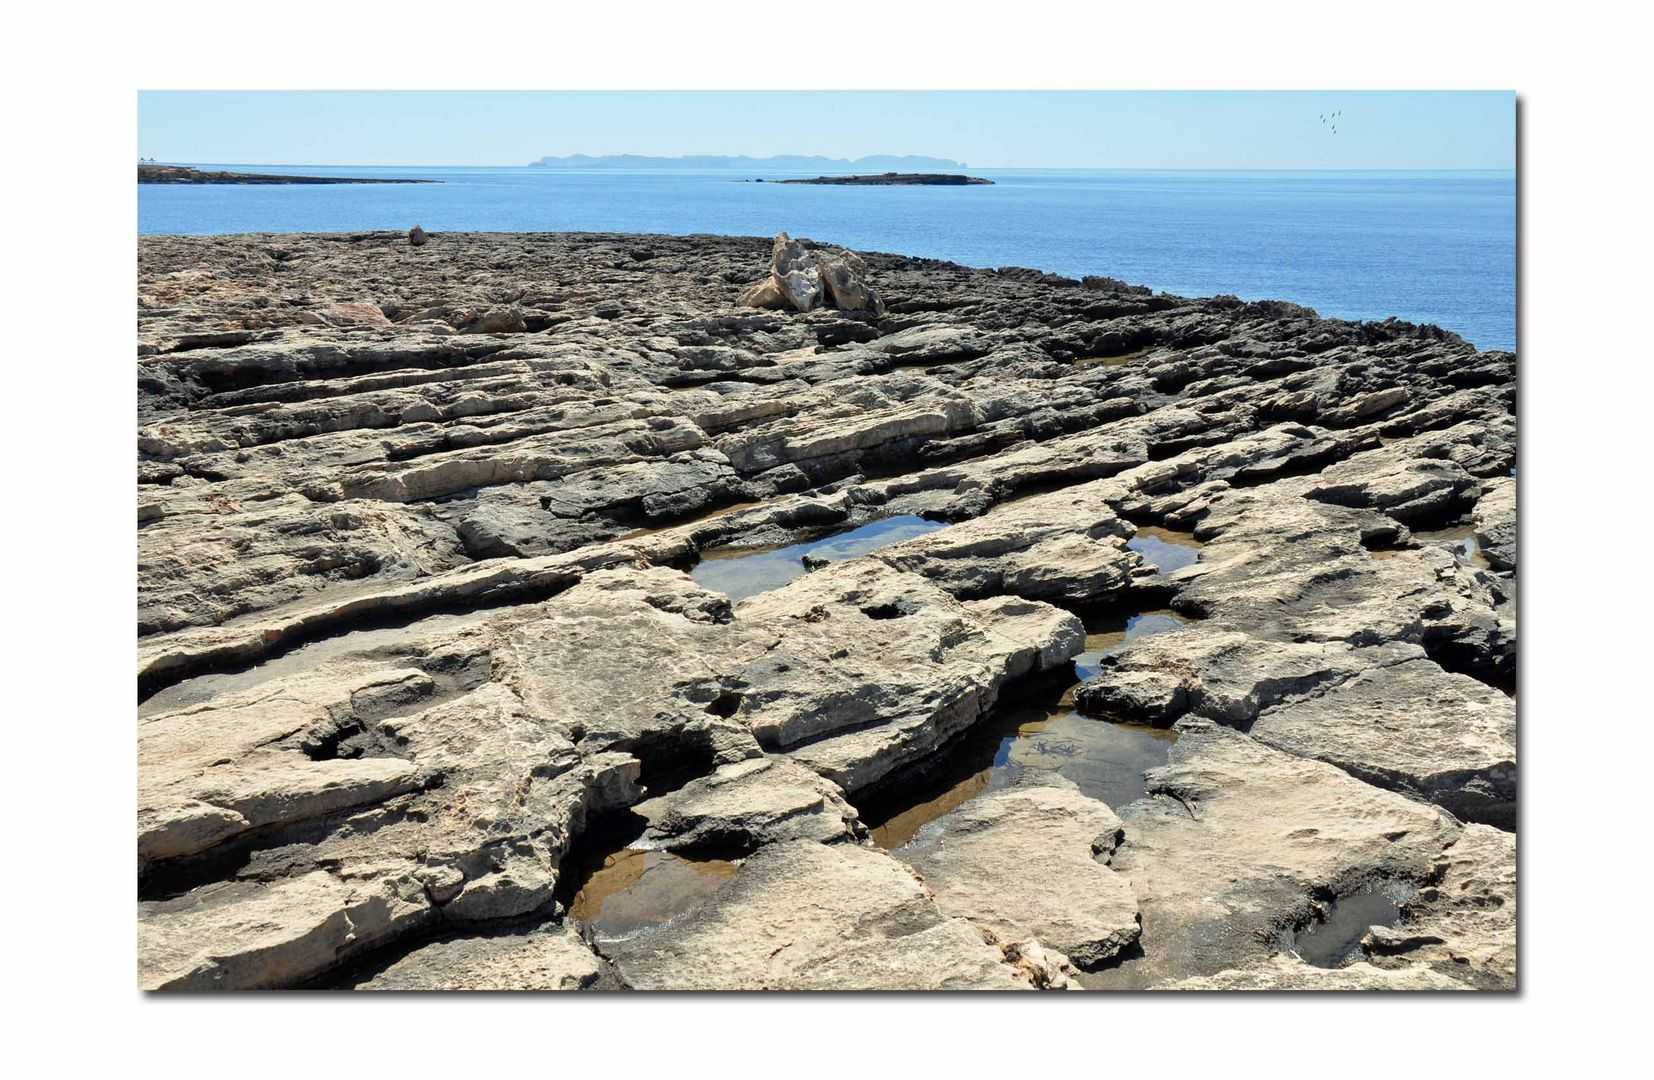 Steinformation alter Lavaflüsse